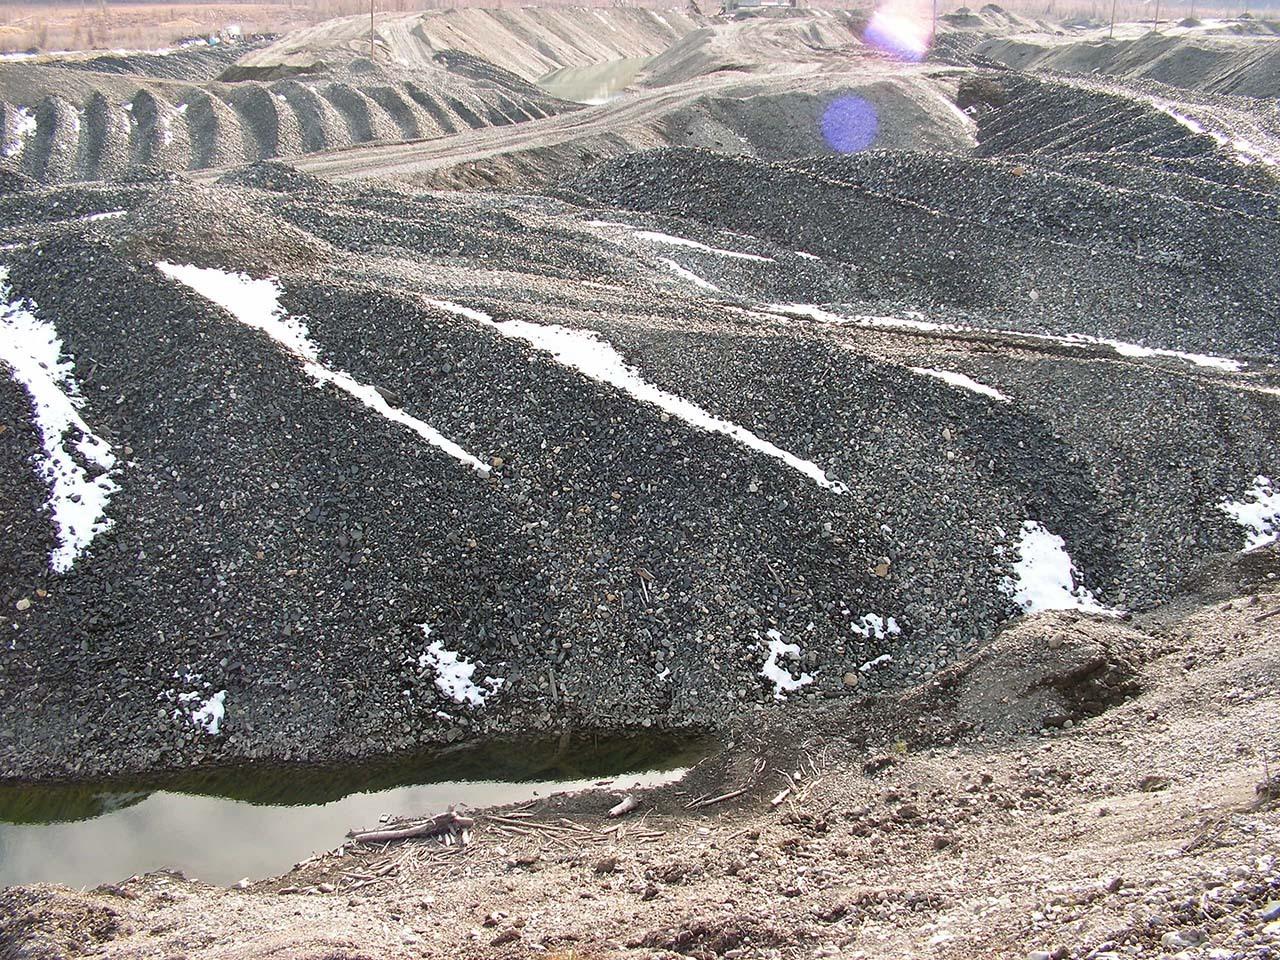 Такой лунный пейзаж от колымской тайги остается после прохождения драги. Фото из архива Валерия Мусиенко.